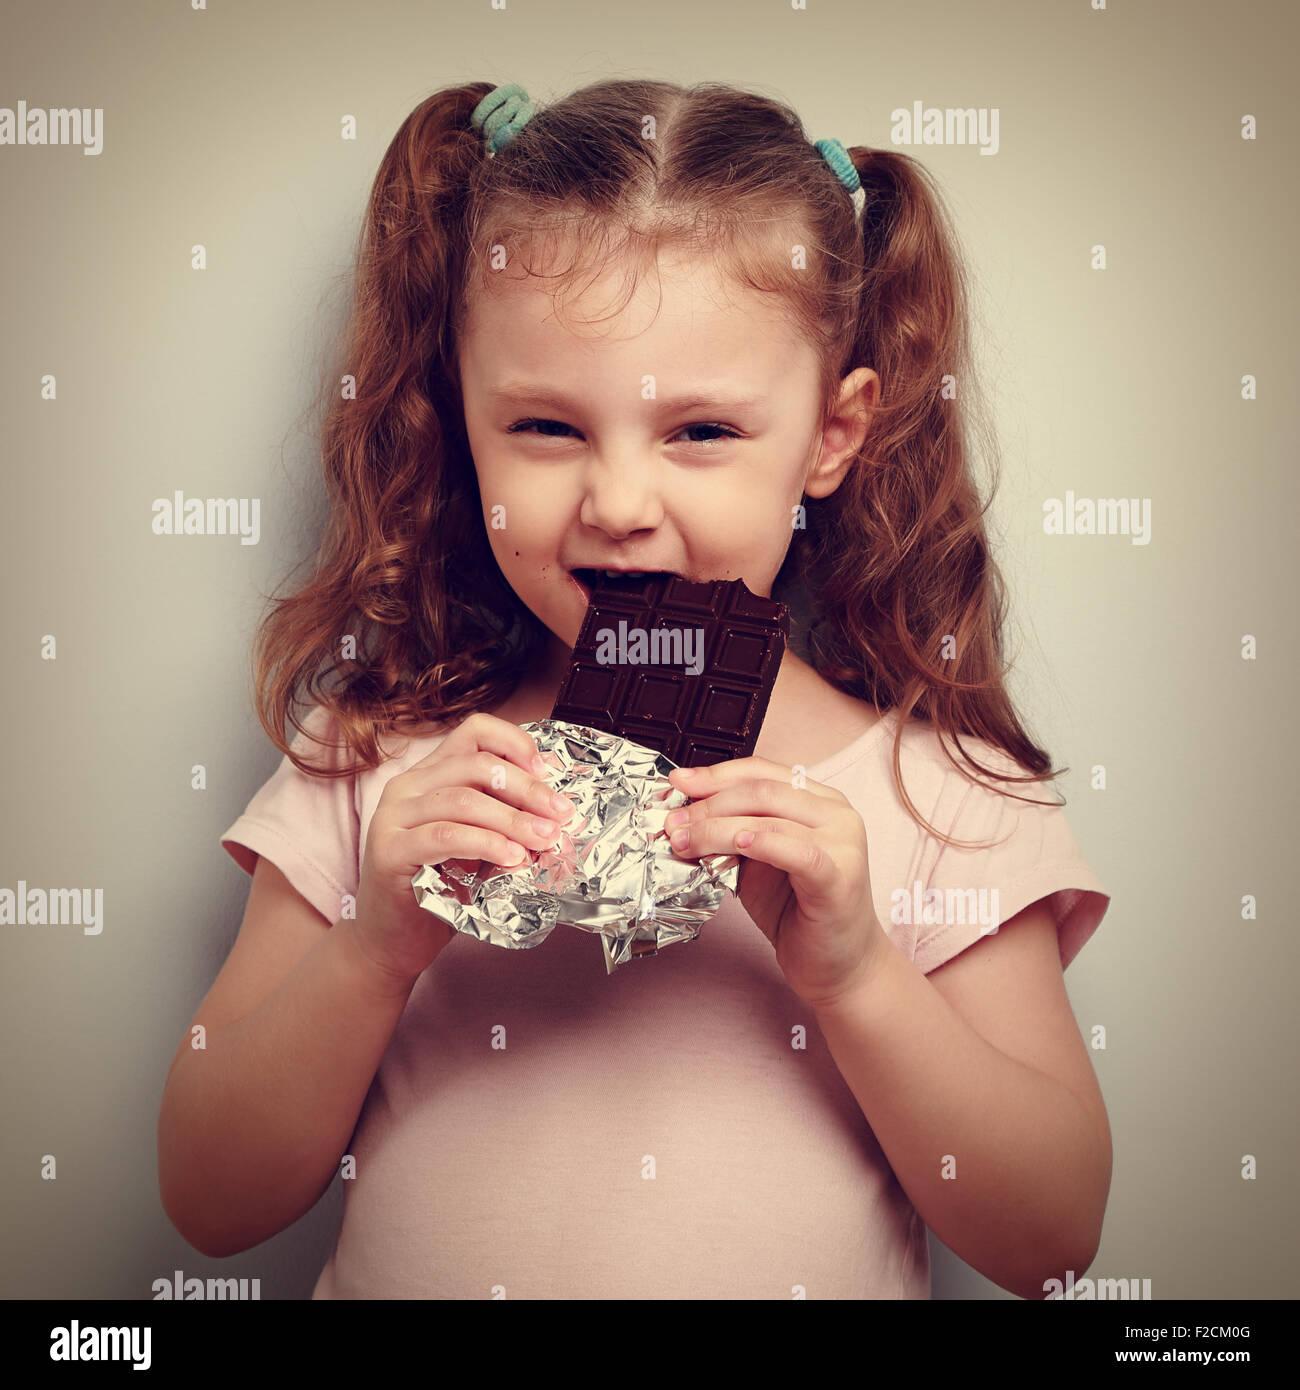 Astuzia kid ragazza mangiando cioccolato fondente con piacere e aspetto strano. Vintage closeup ritratto Immagini Stock